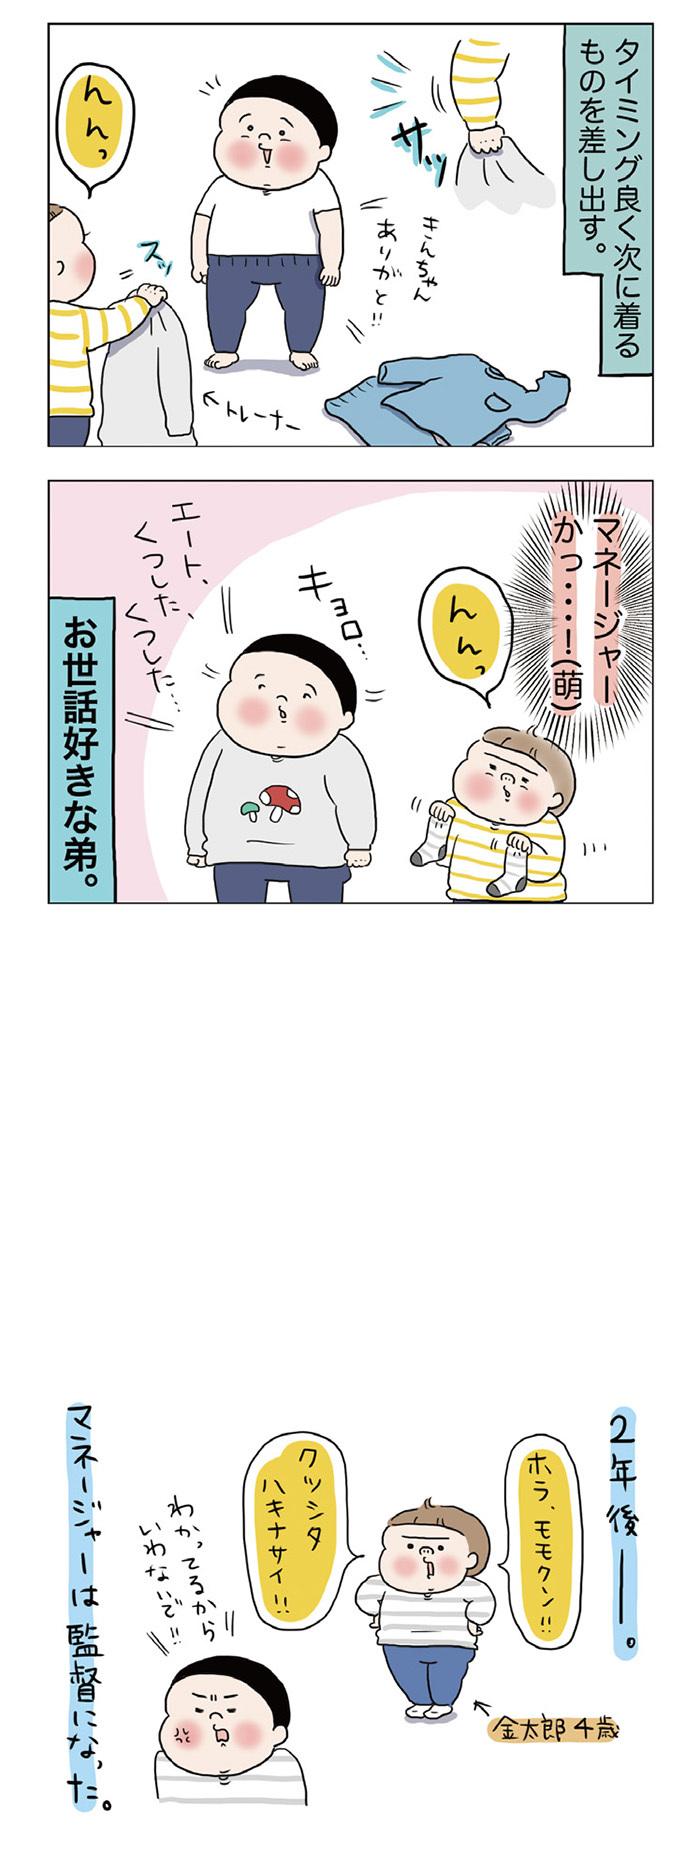 移動は常にジャンプ&ダッシュ(笑)理解不能で愛しい兄弟のやりとり♡の画像4